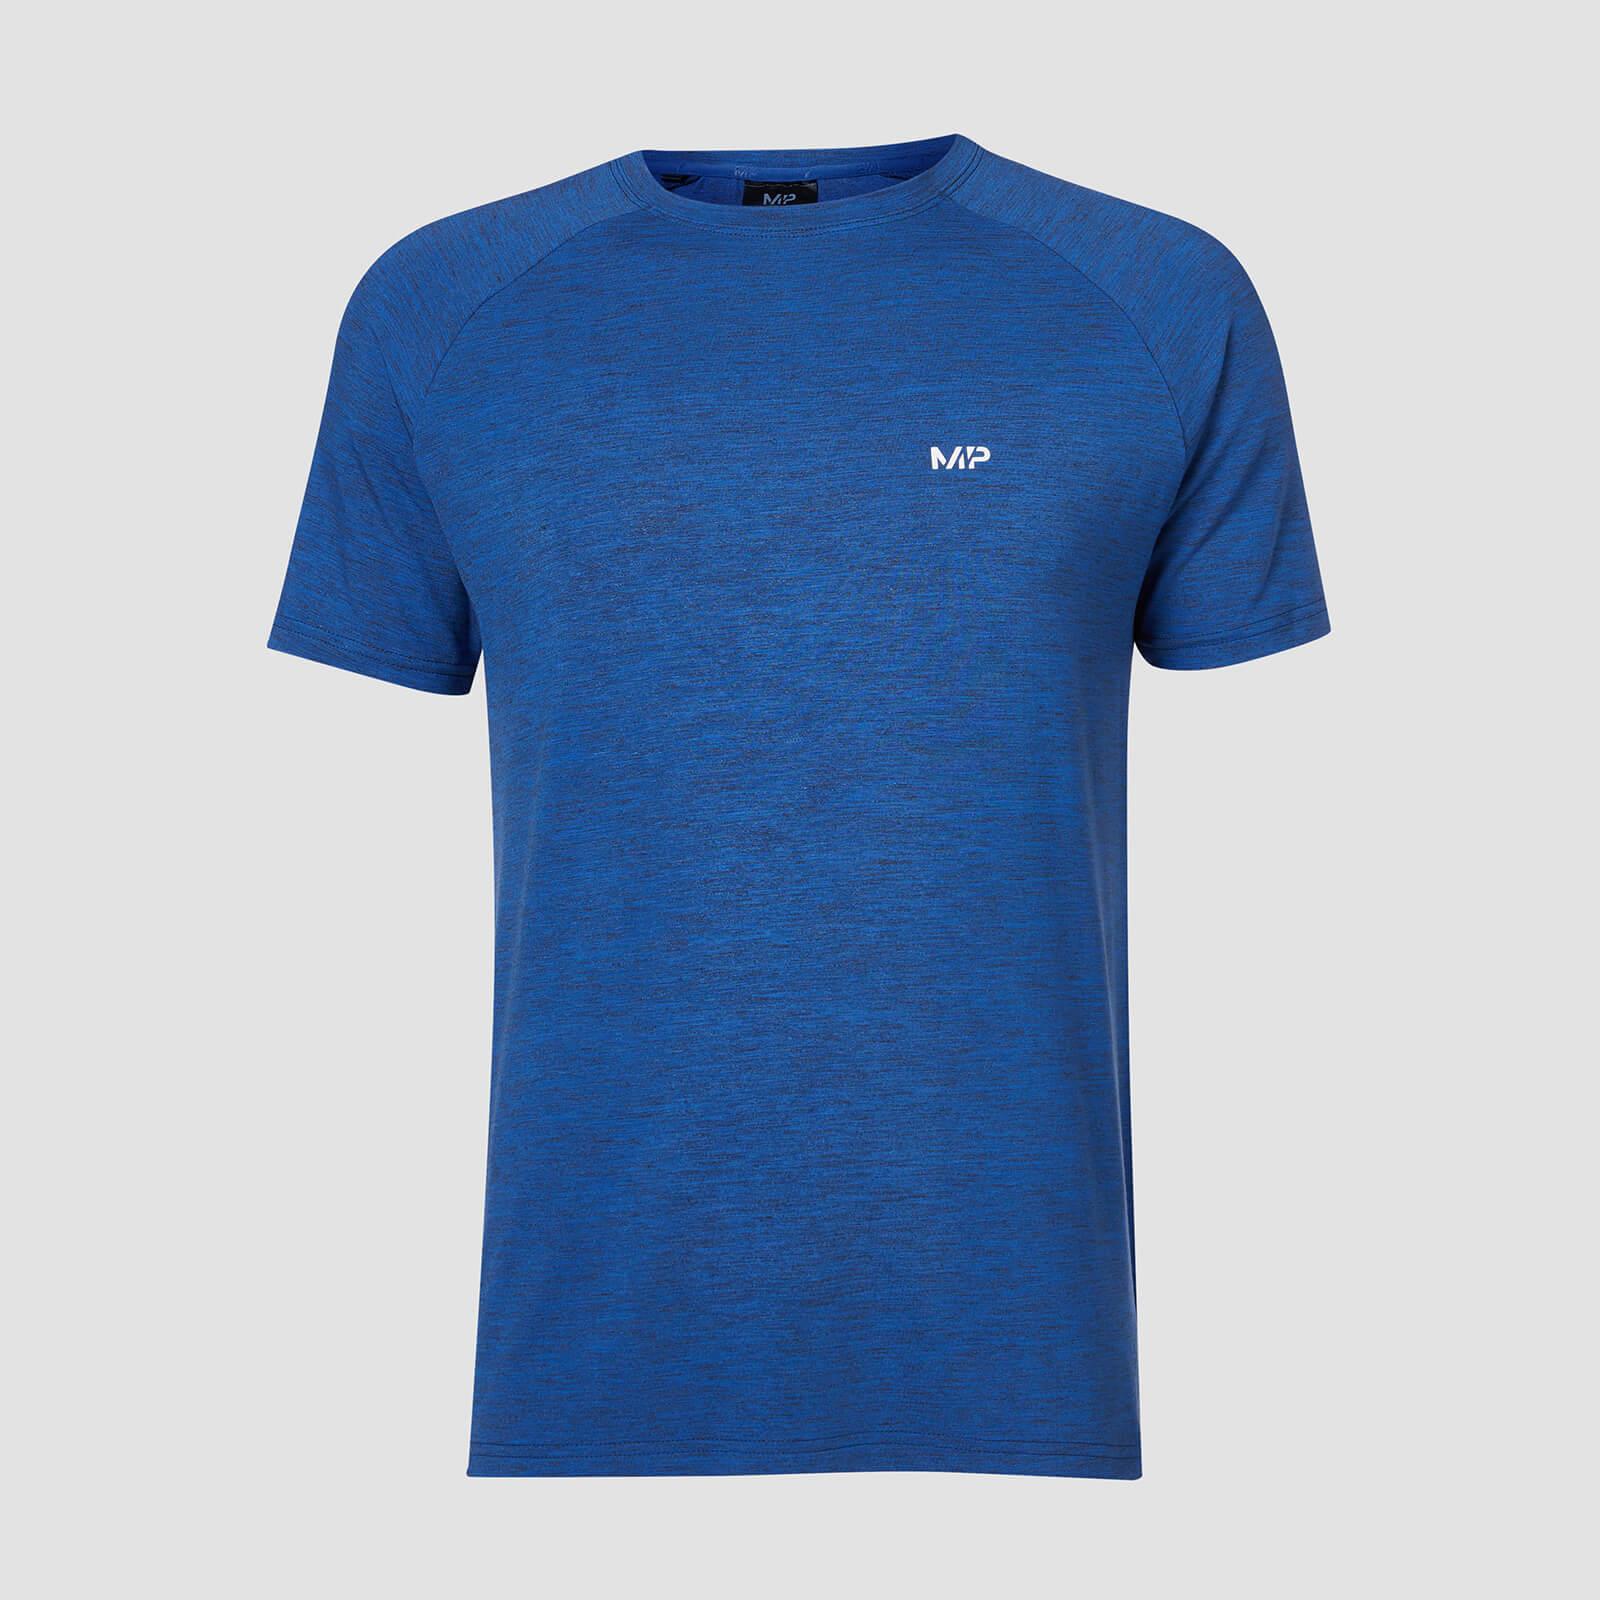 Mp Performance Short Sleeve T-Shirt - Cobalt/sort - Xl